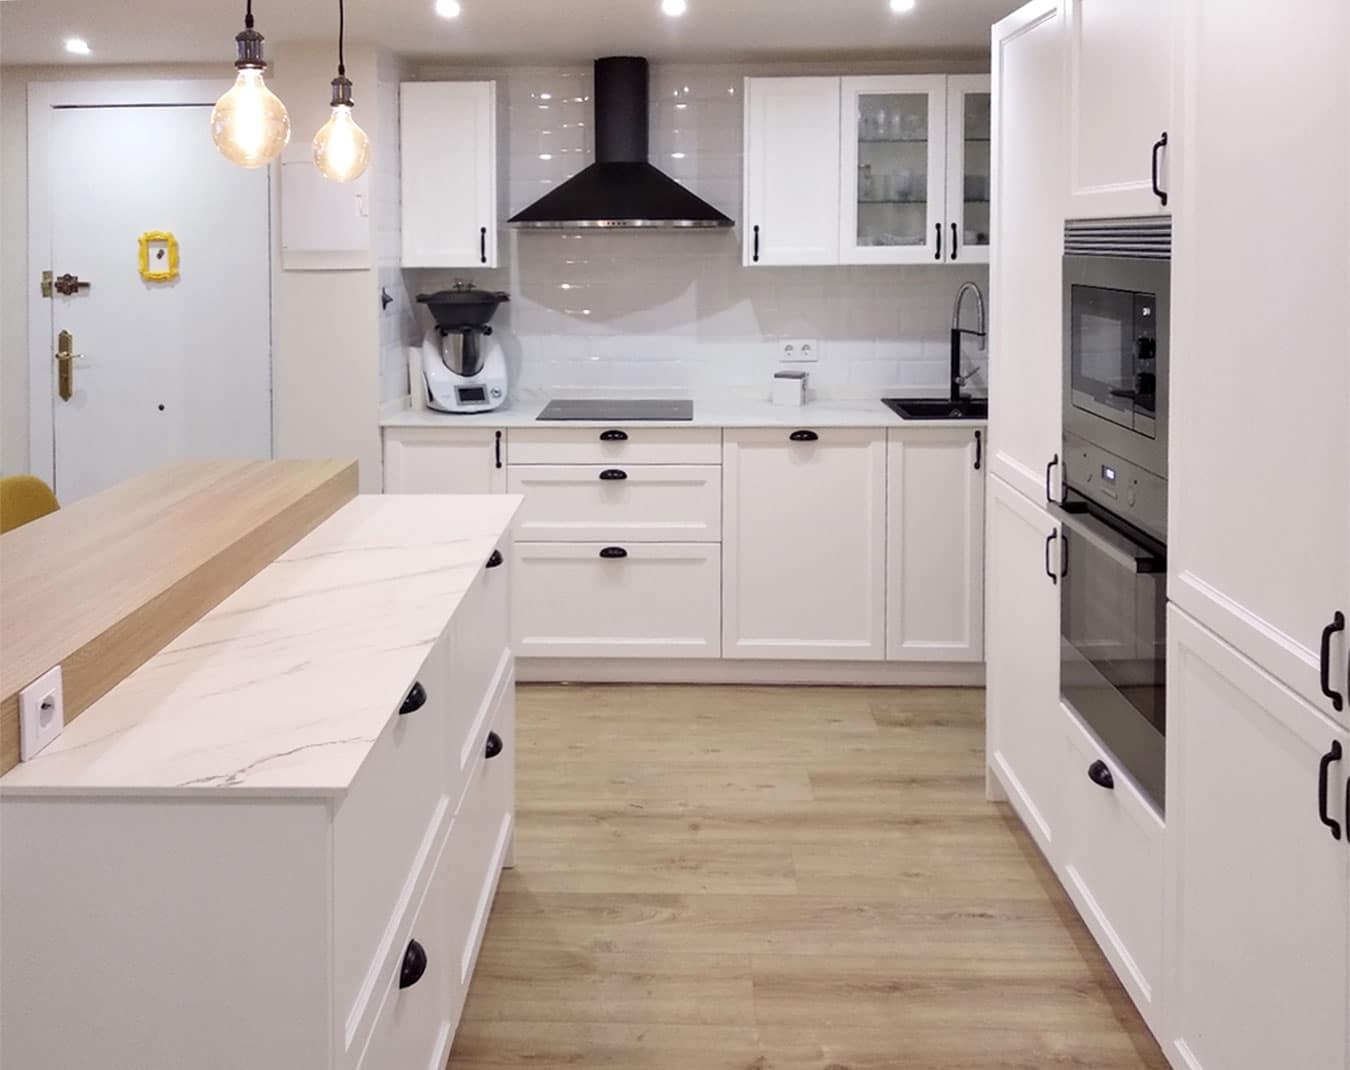 Espacio en la cocina entre isla y frente de muebles columna.